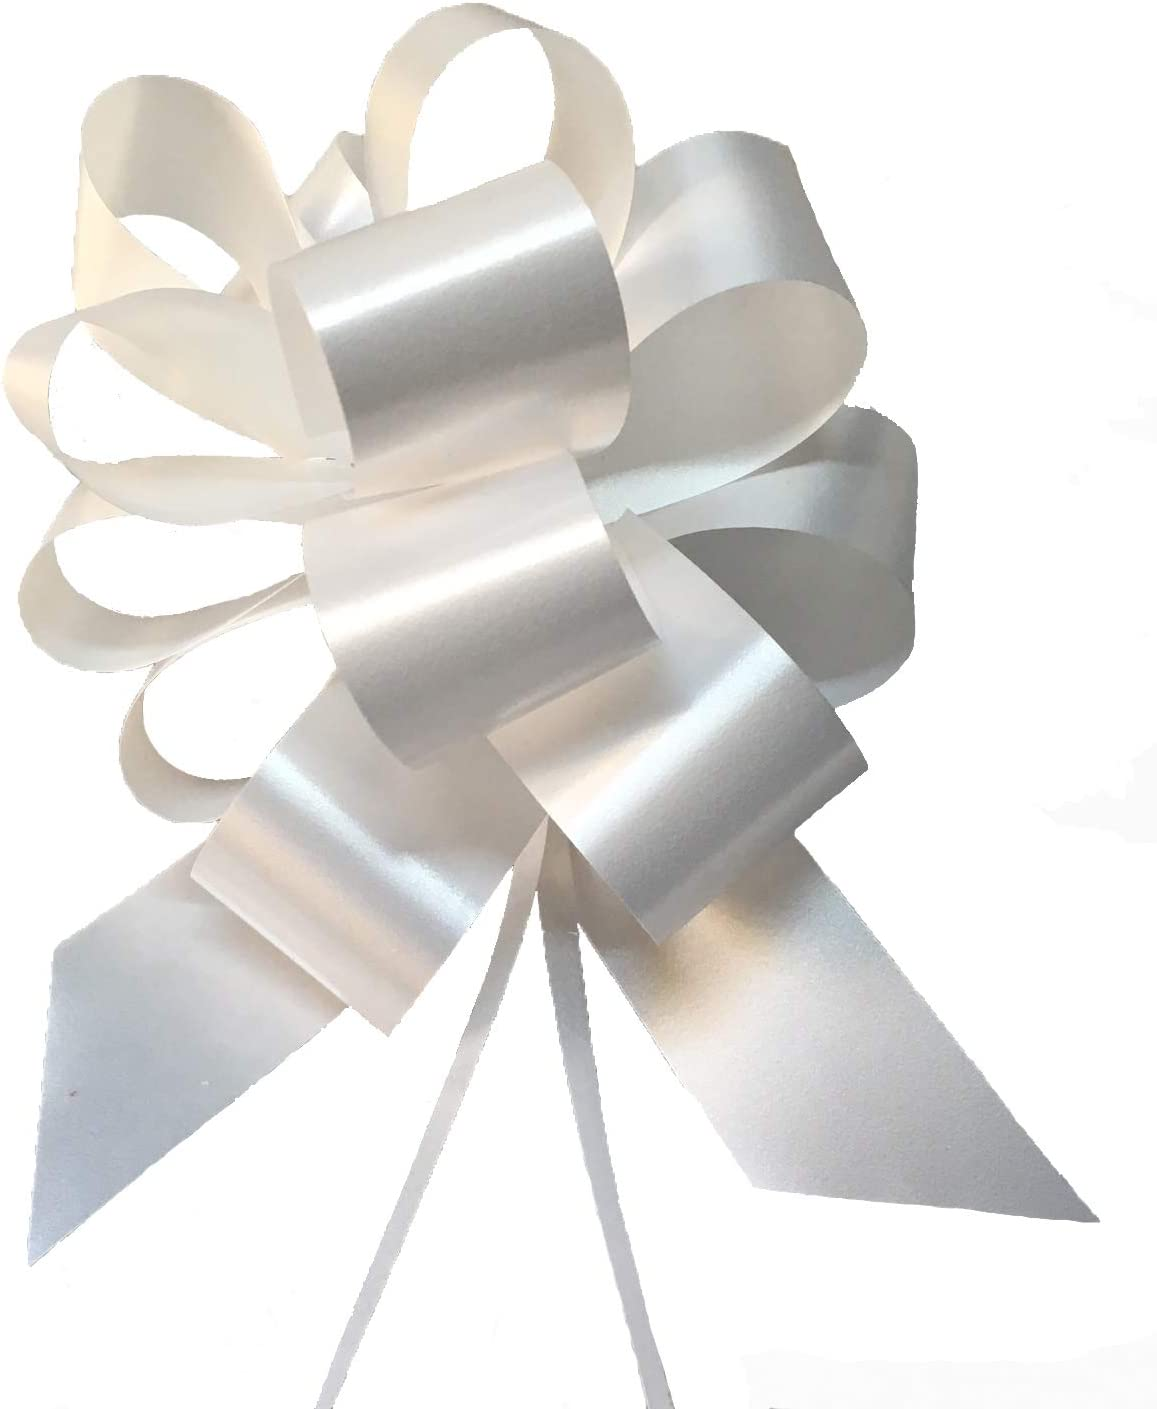 Party Store Srl - Paquete de 50 Maxi Lazos automáticos - Color blanco - Tamaño 5 cm - Ideal para bodas, como decoración del coche nupcial: Amazon.es: Bricolaje y herramientas